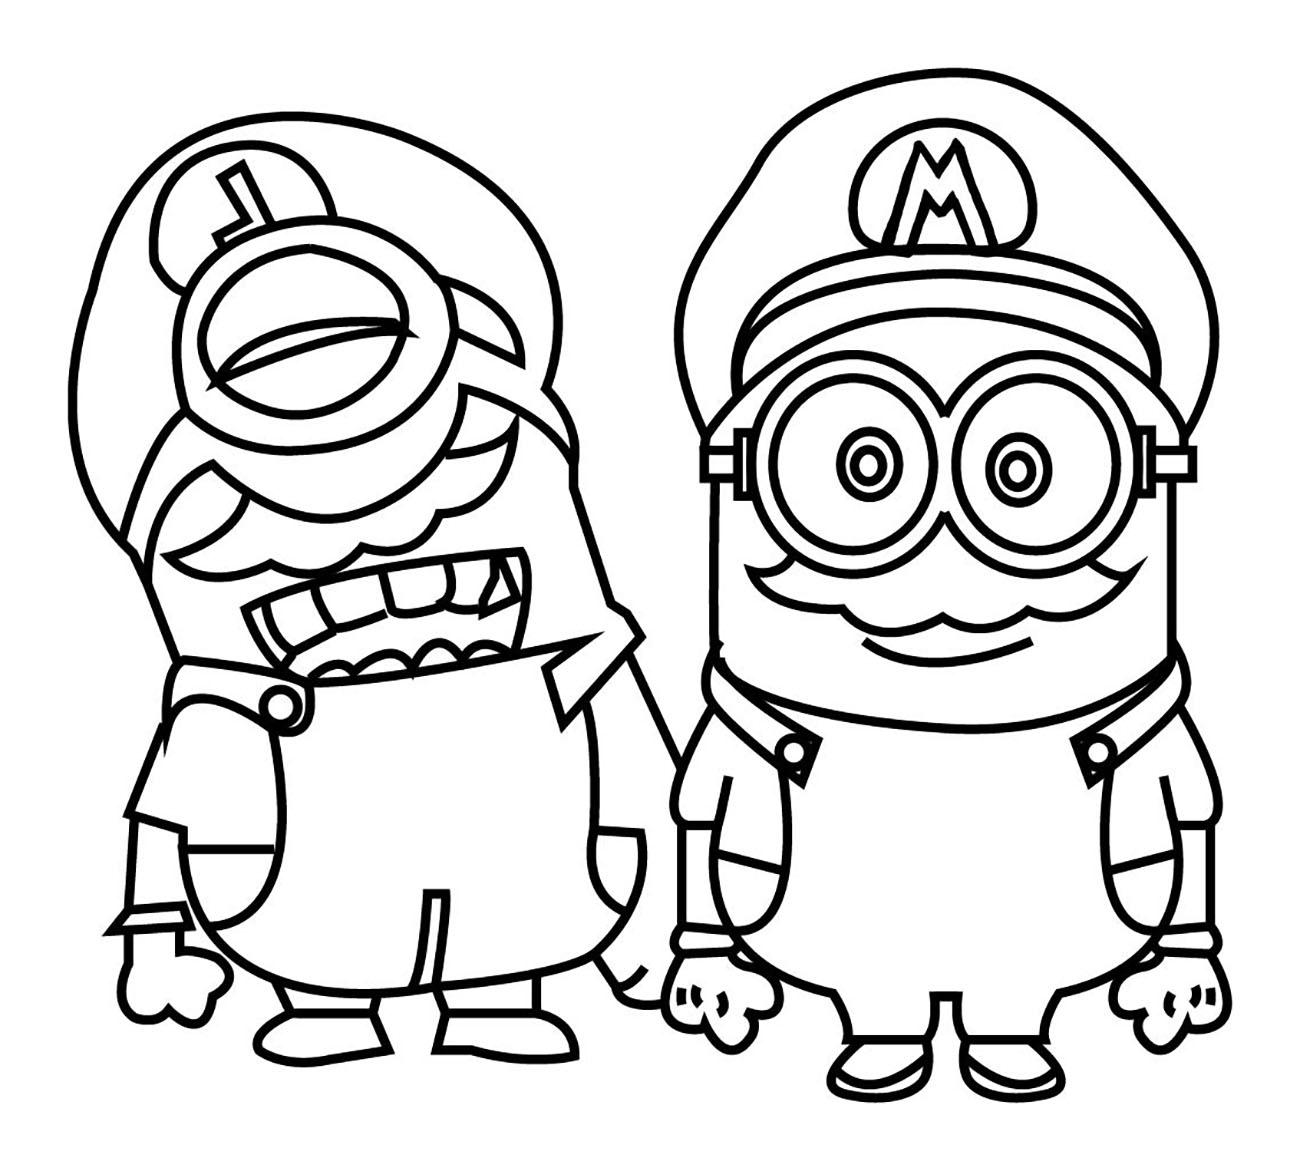 Minions mario et luigi coloriage minions coloriages pour enfants - Coloriage imprimer mario ...